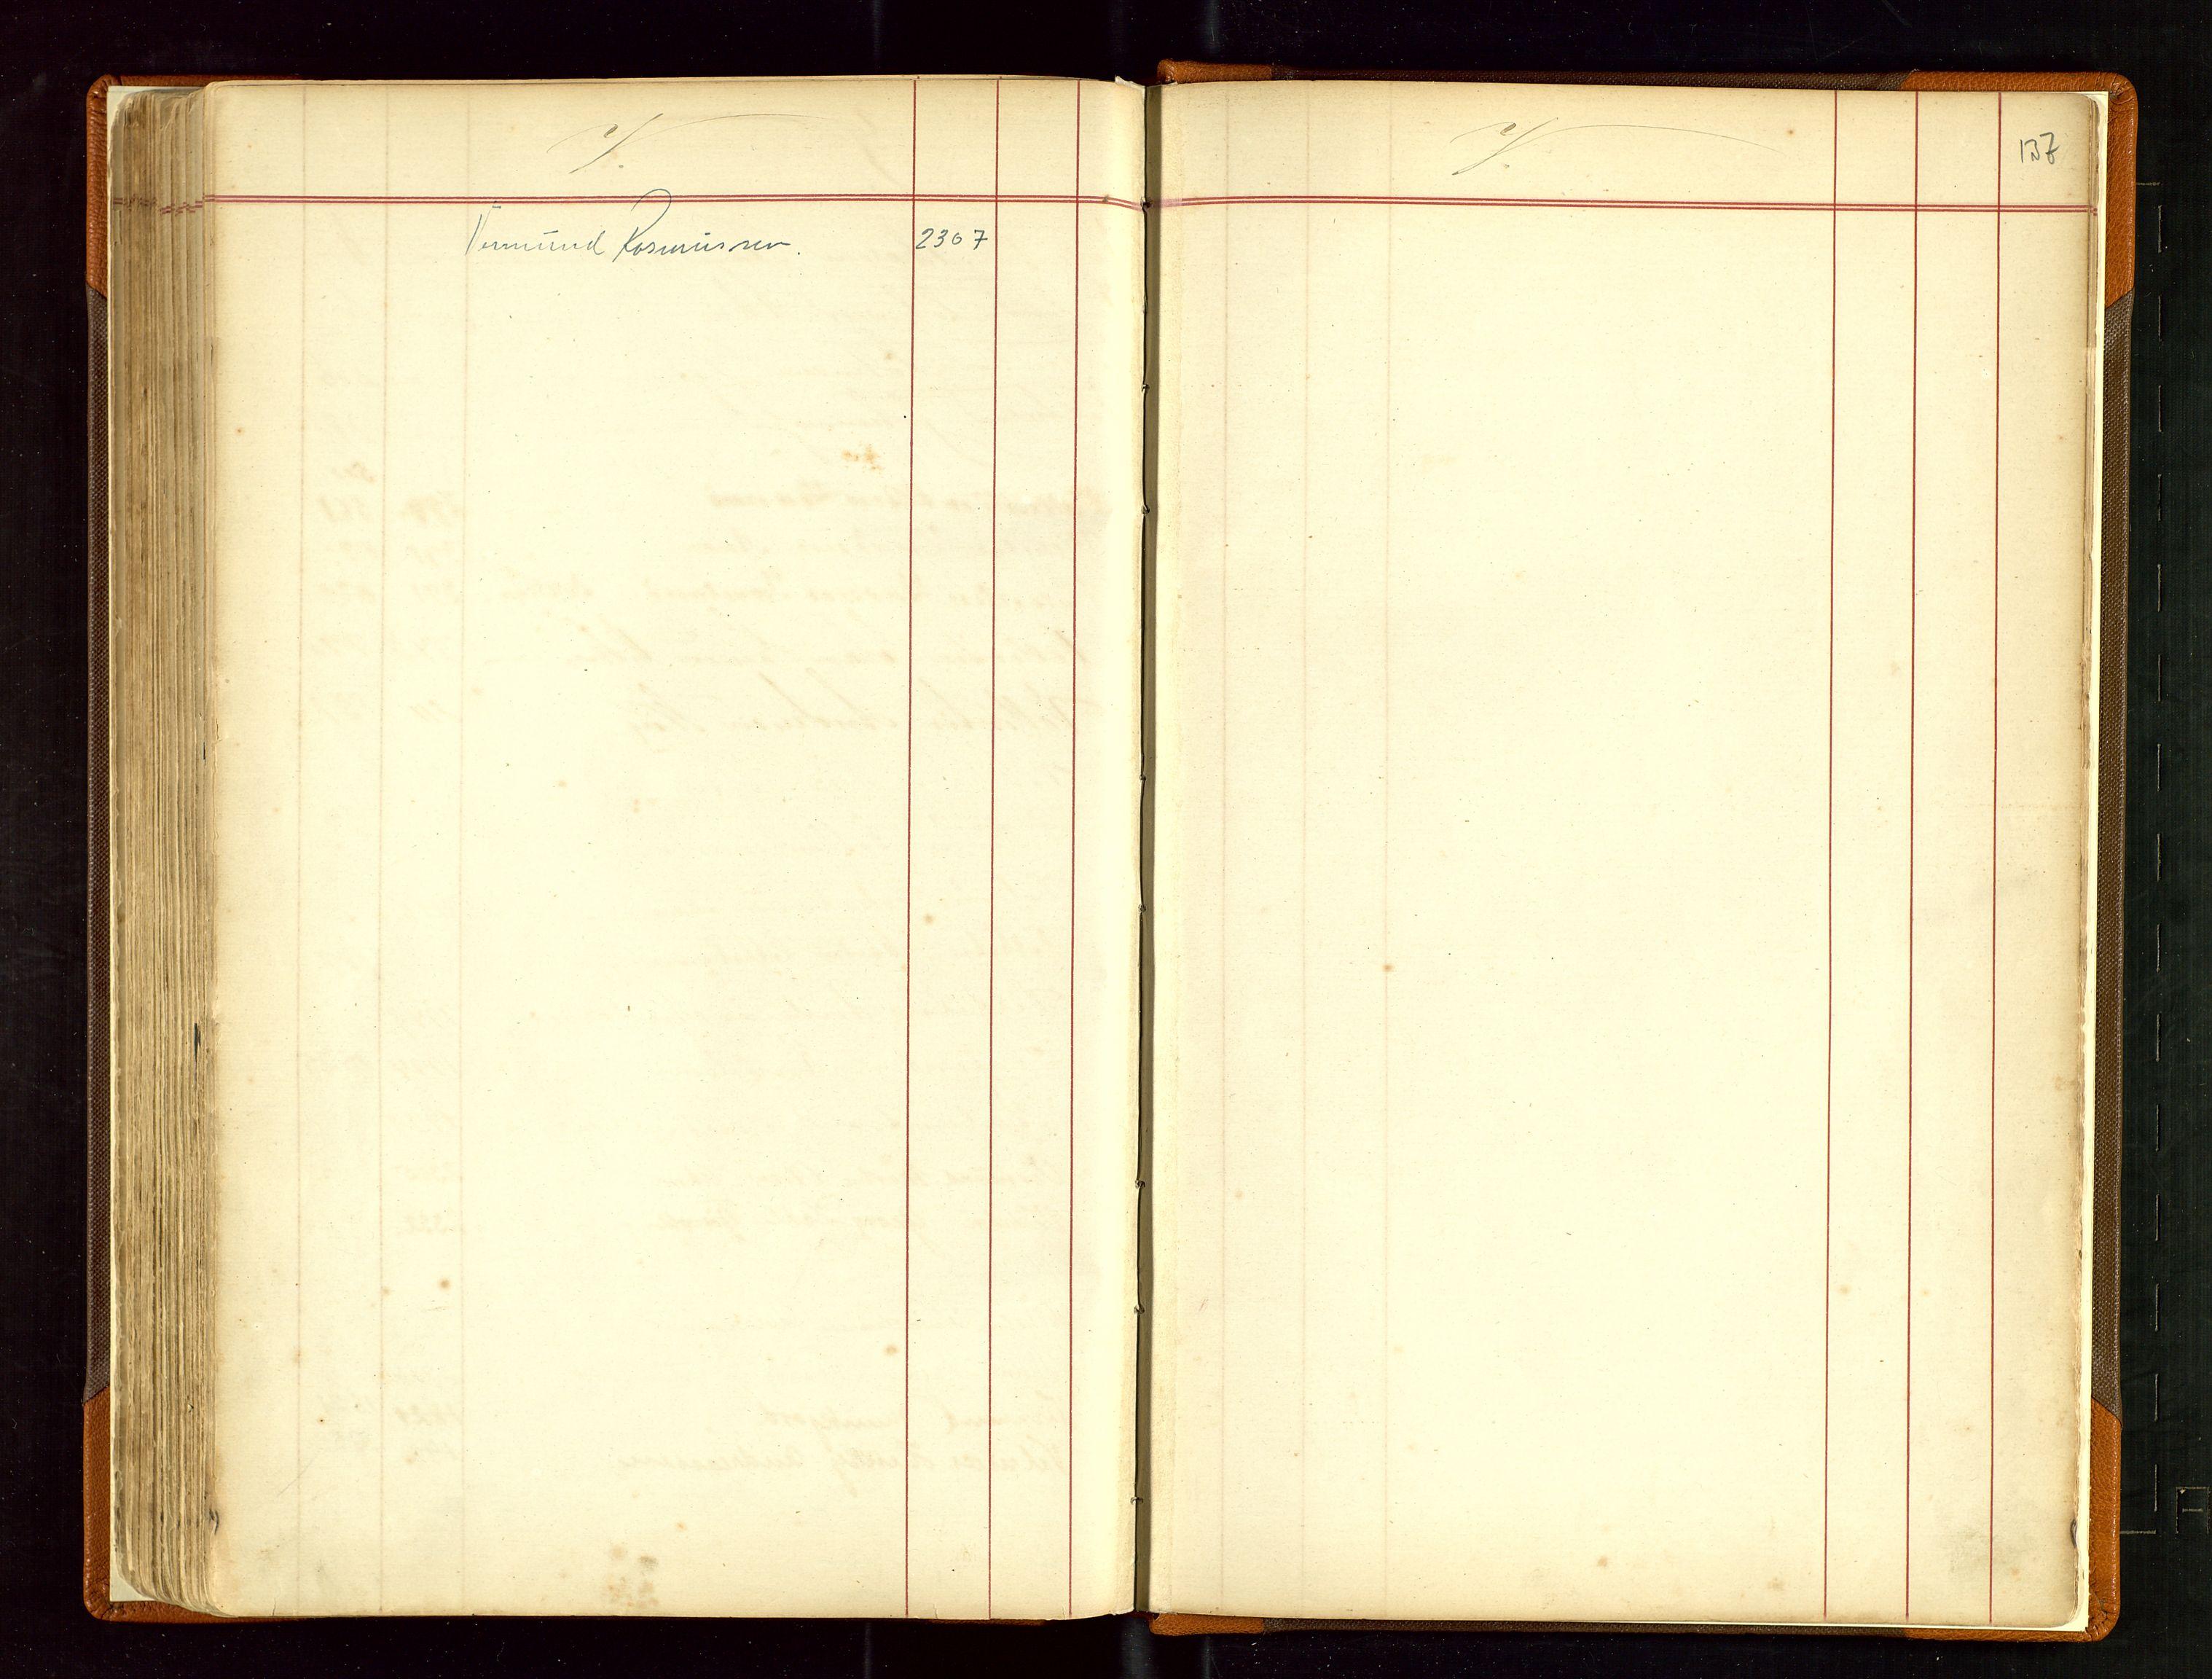 SAST, Haugesund sjømannskontor, F/Fb/Fba/L0003: Navneregister med henvisning til rullenummer (fornavn) Haugesund krets, 1860-1948, s. 137